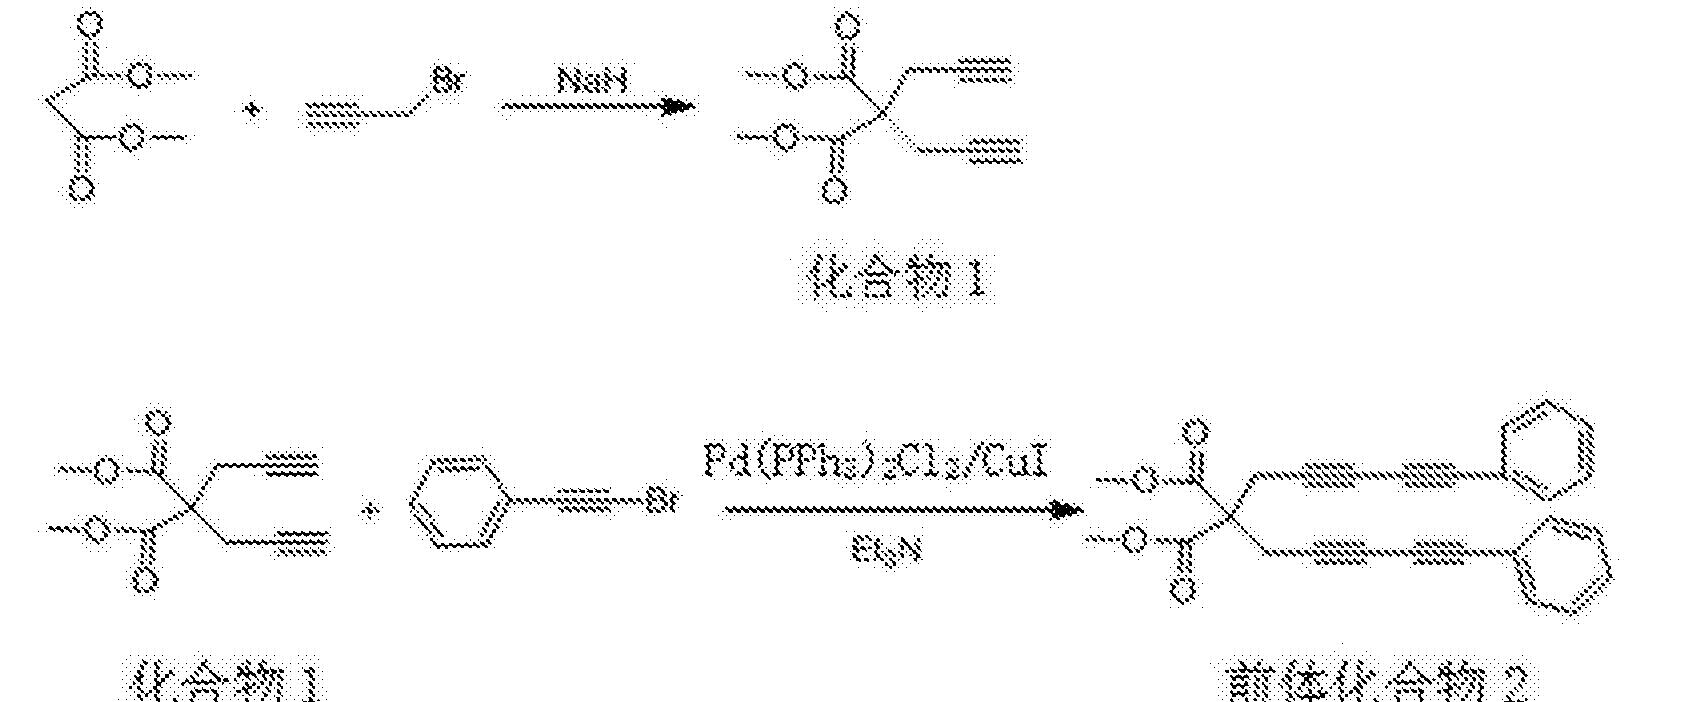 Figure CN104447599BD00061